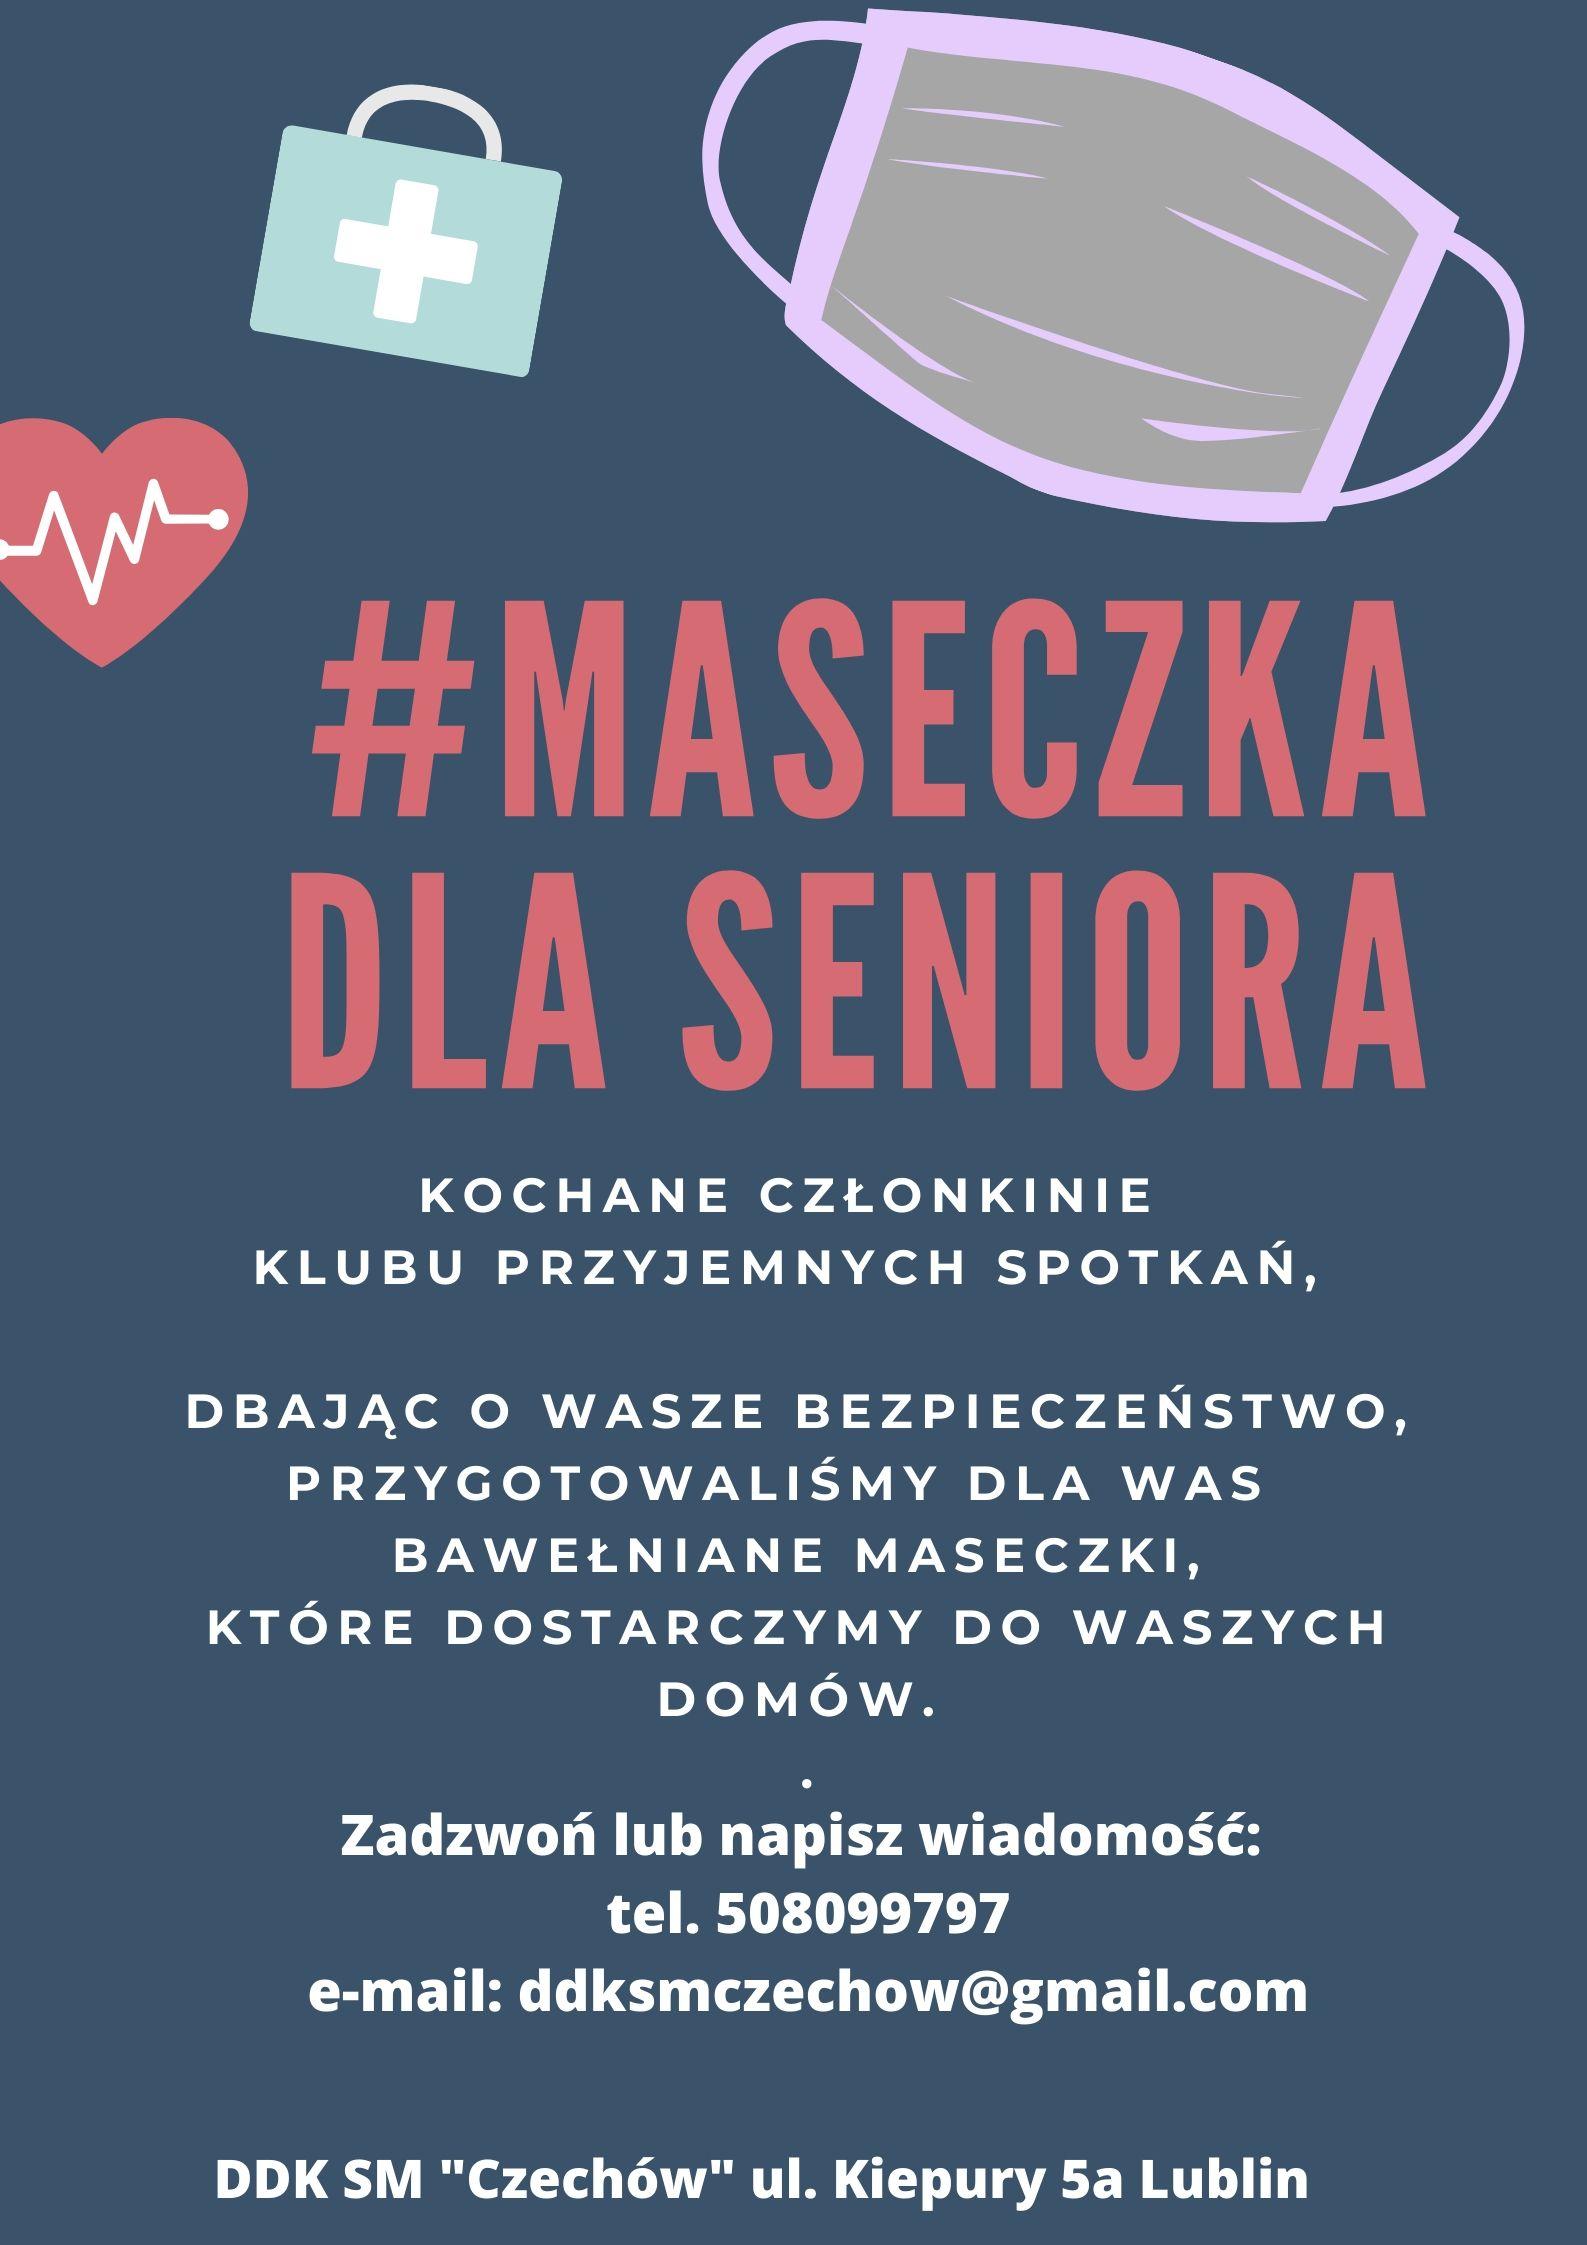 #maseczkadlaseniora